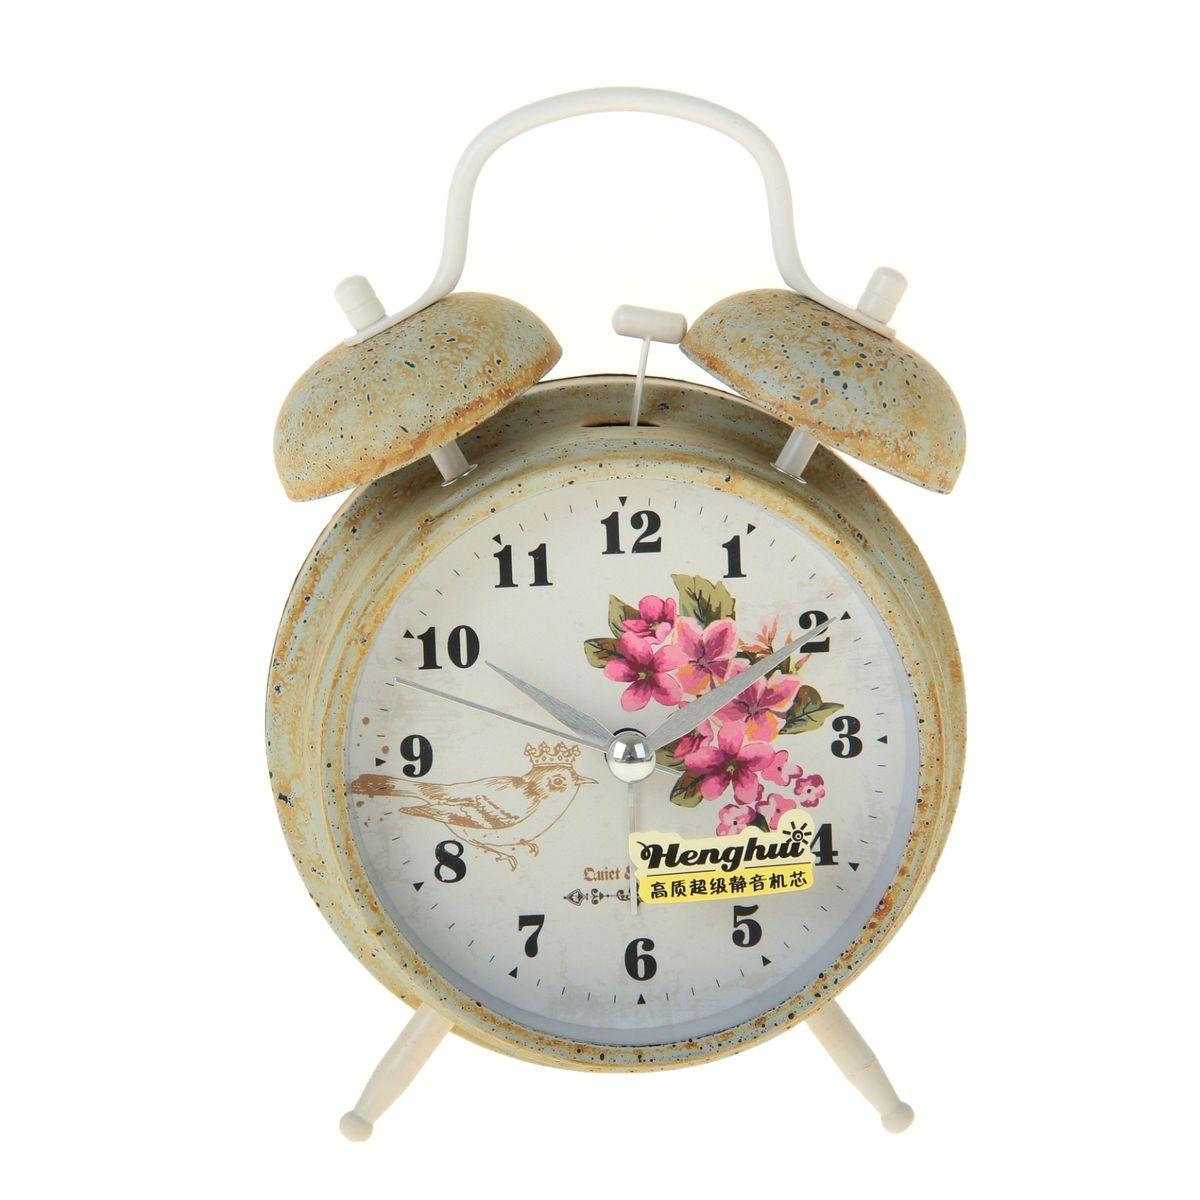 Часы-будильник Sima-land. 906612FA-2421-6 BlackКак же сложно иногда вставать вовремя! Всегда так хочется поспать еще хотя бы 5 минут и бывает, что мы просыпаем. Теперь этого не случится! Яркий, оригинальный будильник Sima-land поможет вам всегда вставать в нужное время и успевать везде и всюду. Время показывает точно и будит в установленный час. Будильник украсит вашу комнату и приведет в восхищение друзей. На задней панели будильника расположены переключатель включения/выключения механизма и два колесика для настройки текущего времени и времени звонка будильника. Также будильник оснащен кнопкой, при нажатии и удержании которой, подсвечивается циферблат.Будильник работает от 1 батарейки типа AA напряжением 1,5V (не входит в комплект).